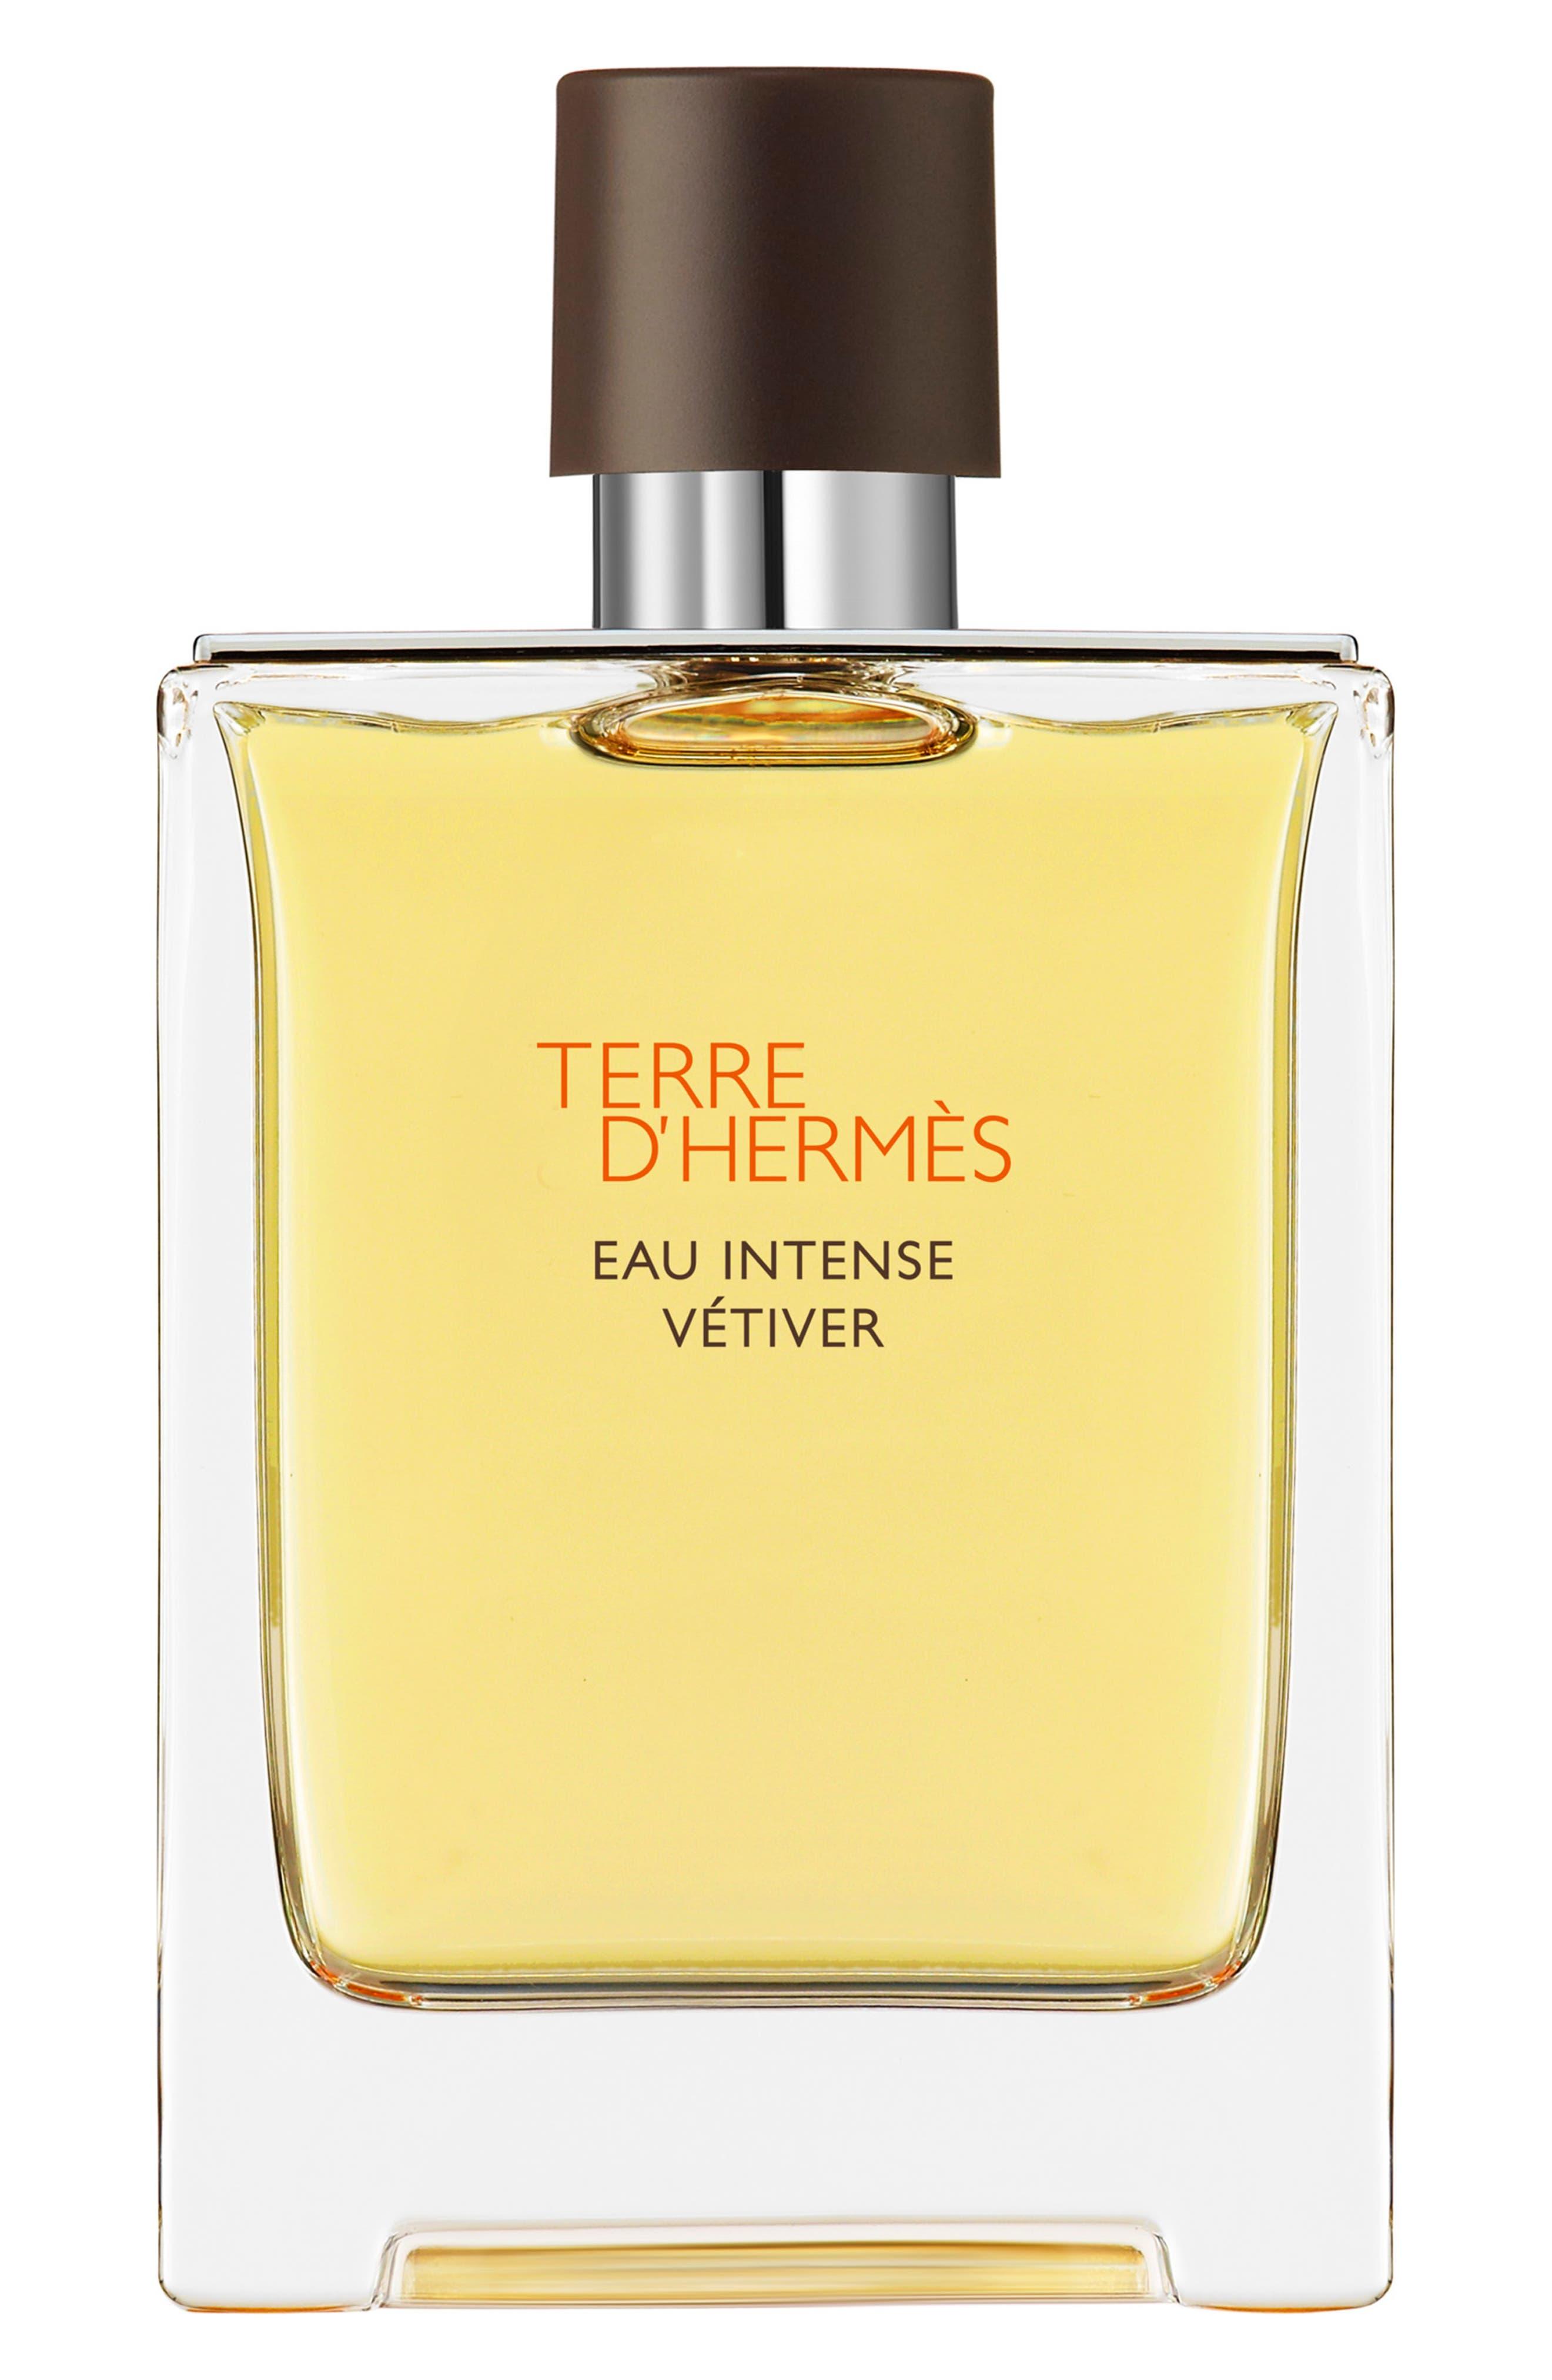 Terre d'Hermès Eau Intense Vétiver – Eau de parfum,                             Main thumbnail 1, color,                             NO COLOR